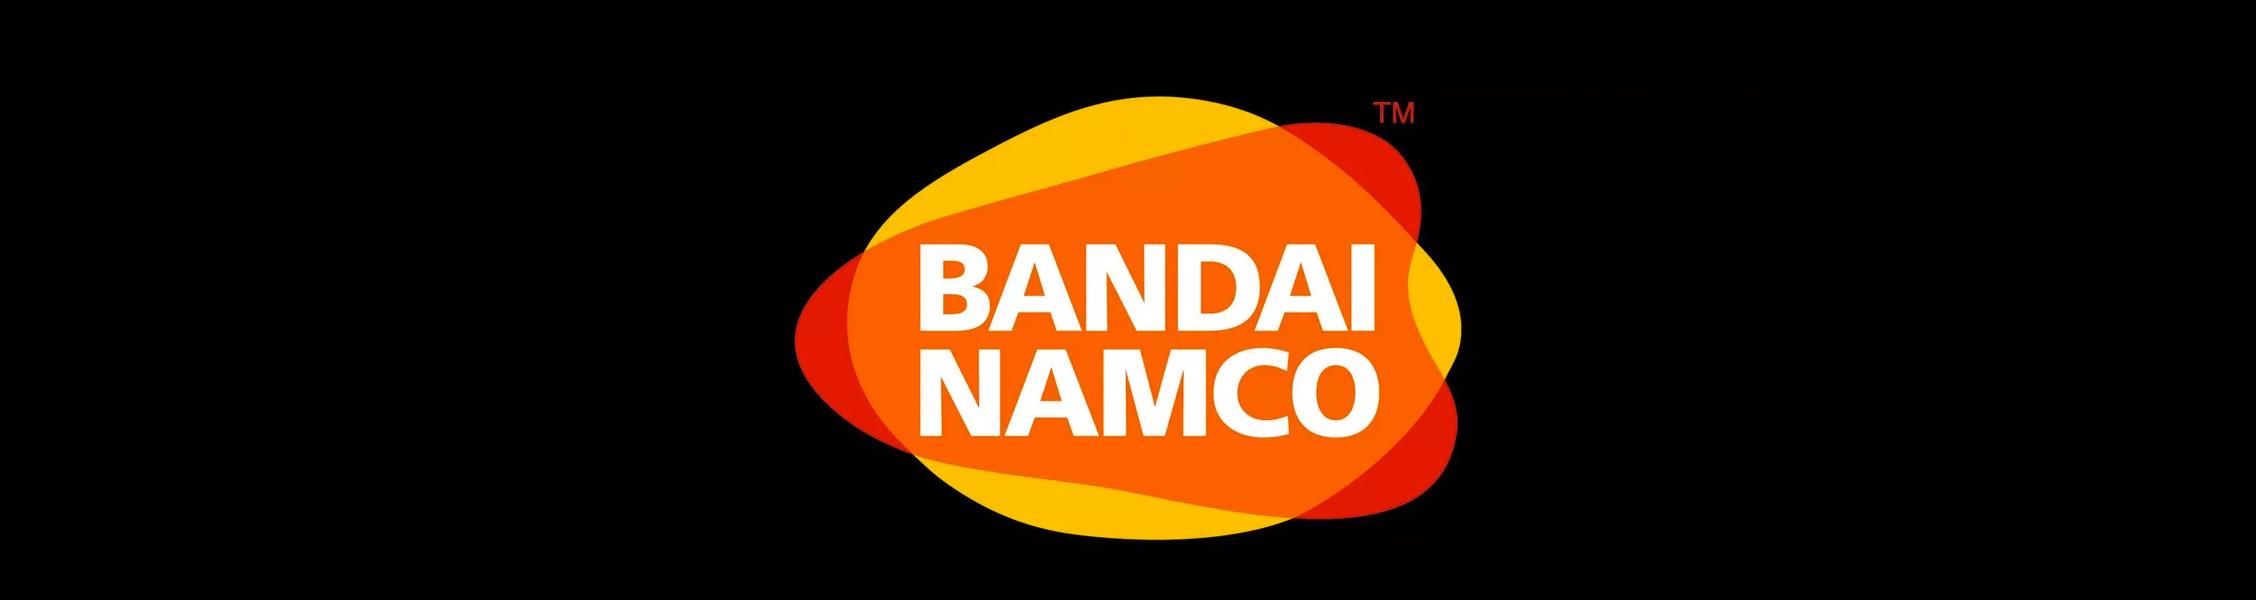 bandai-namco-banner